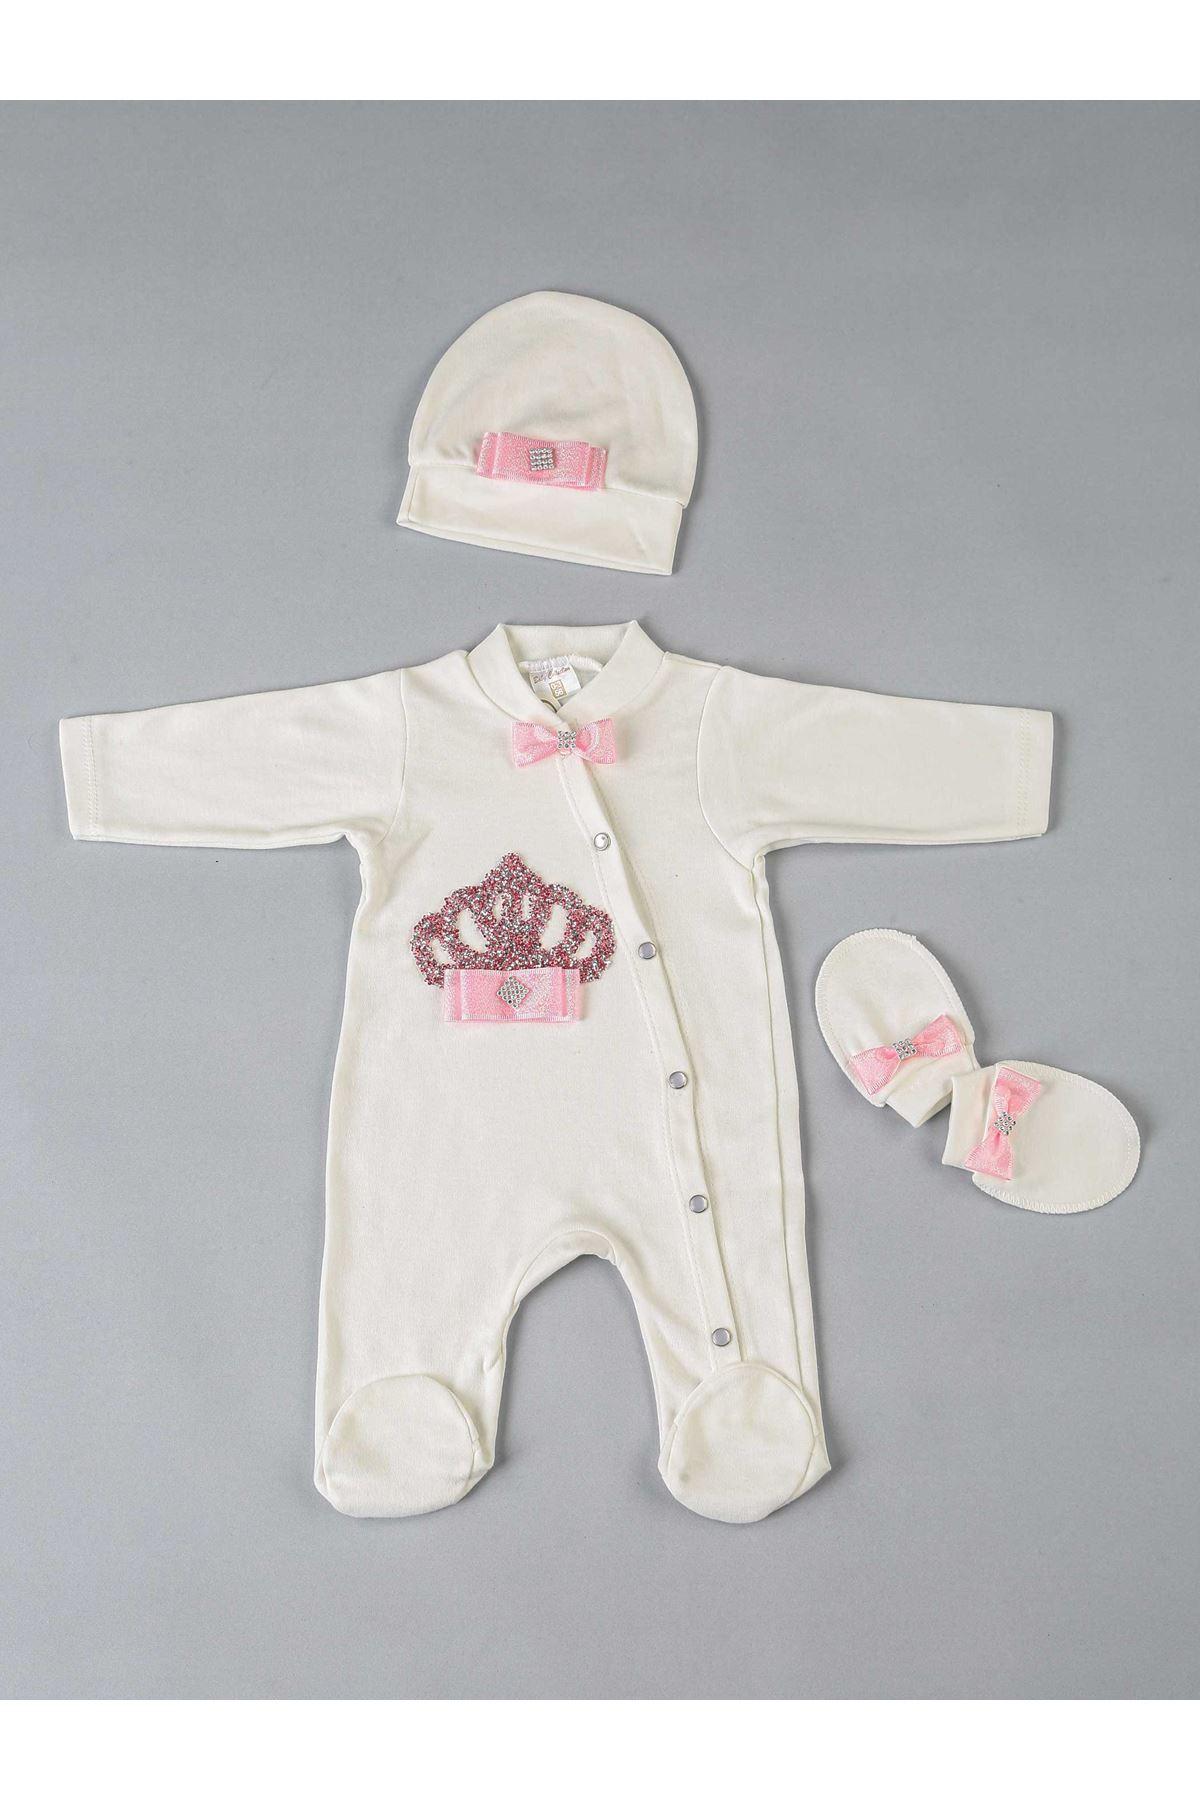 Fuşya Kraliçe Taçlı 3 lü Kız Bebek Tulum